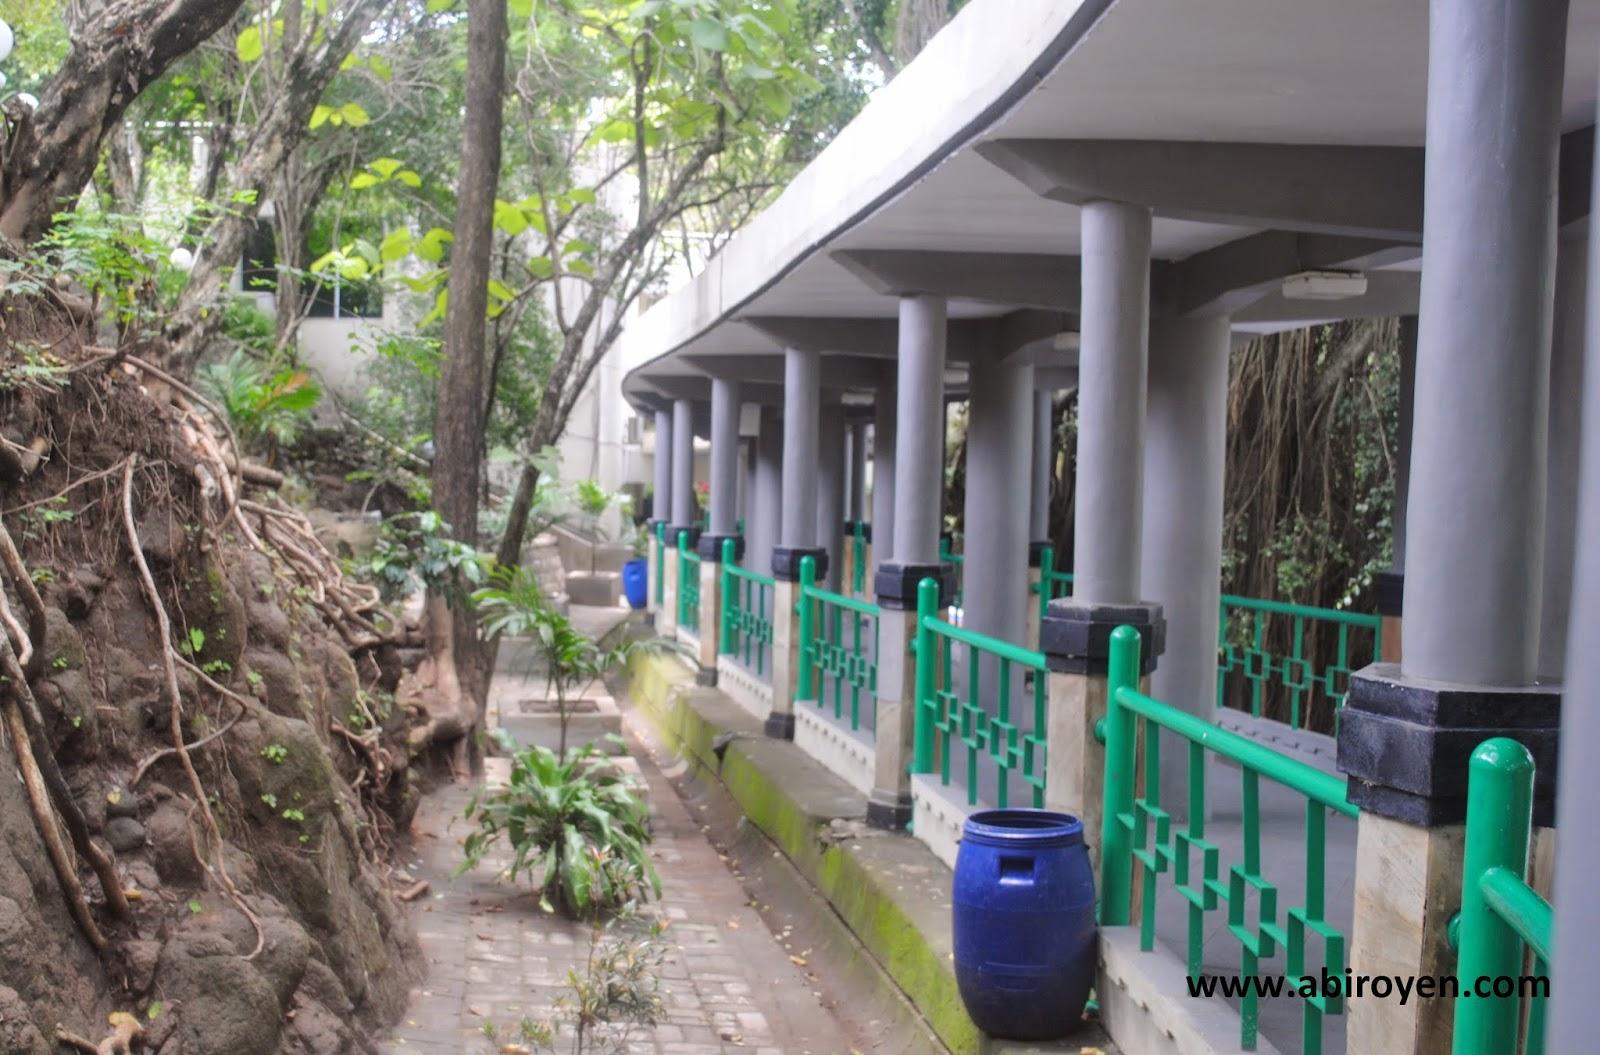 Jalan-jalan wisata liburan ke Museum Purbakala Sangiran Sragen Jawa Tengah